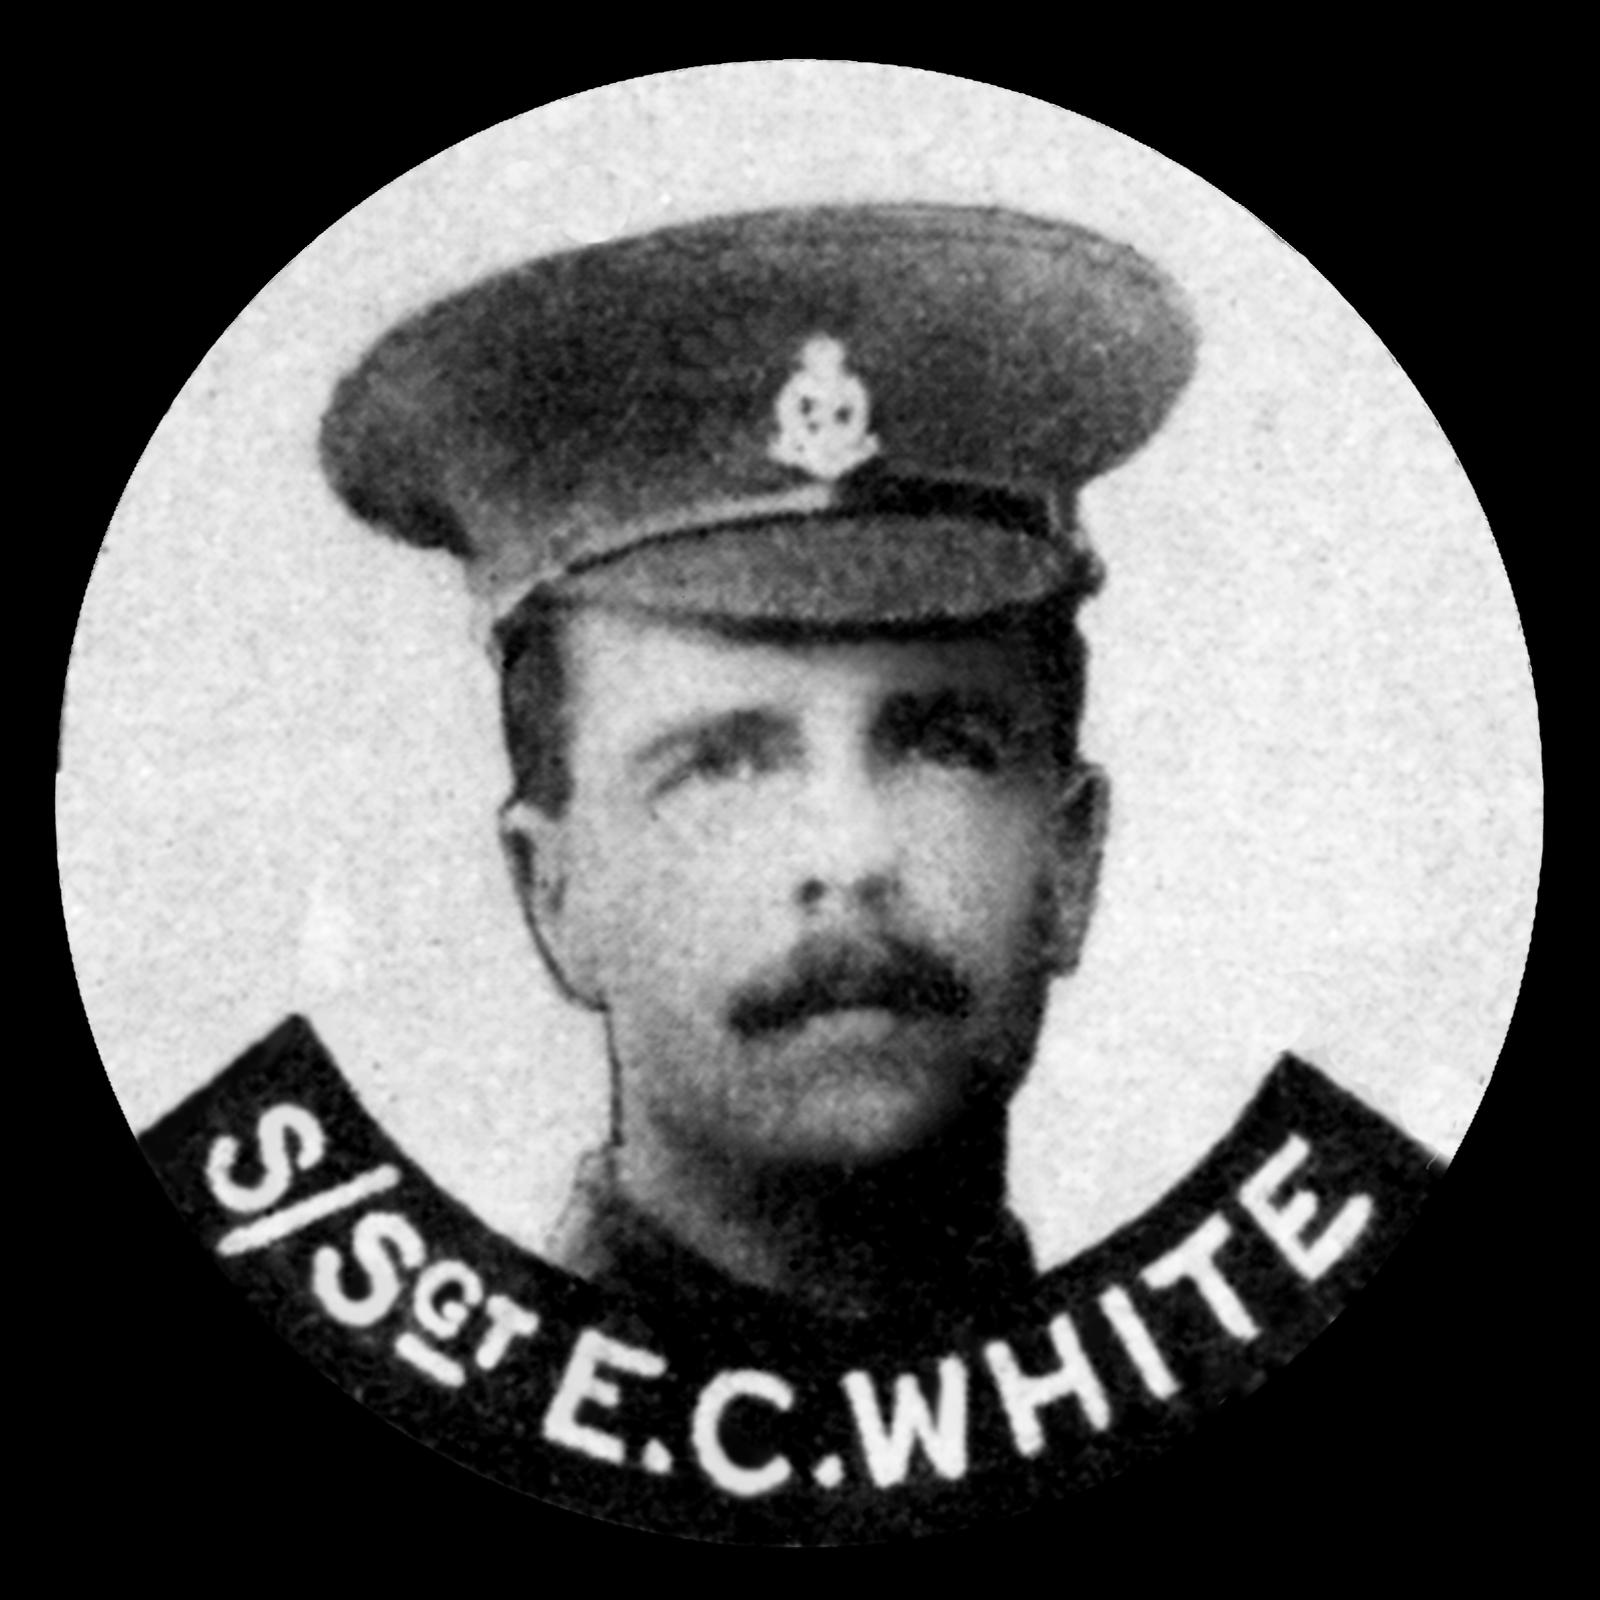 WHITE Ernest Charles